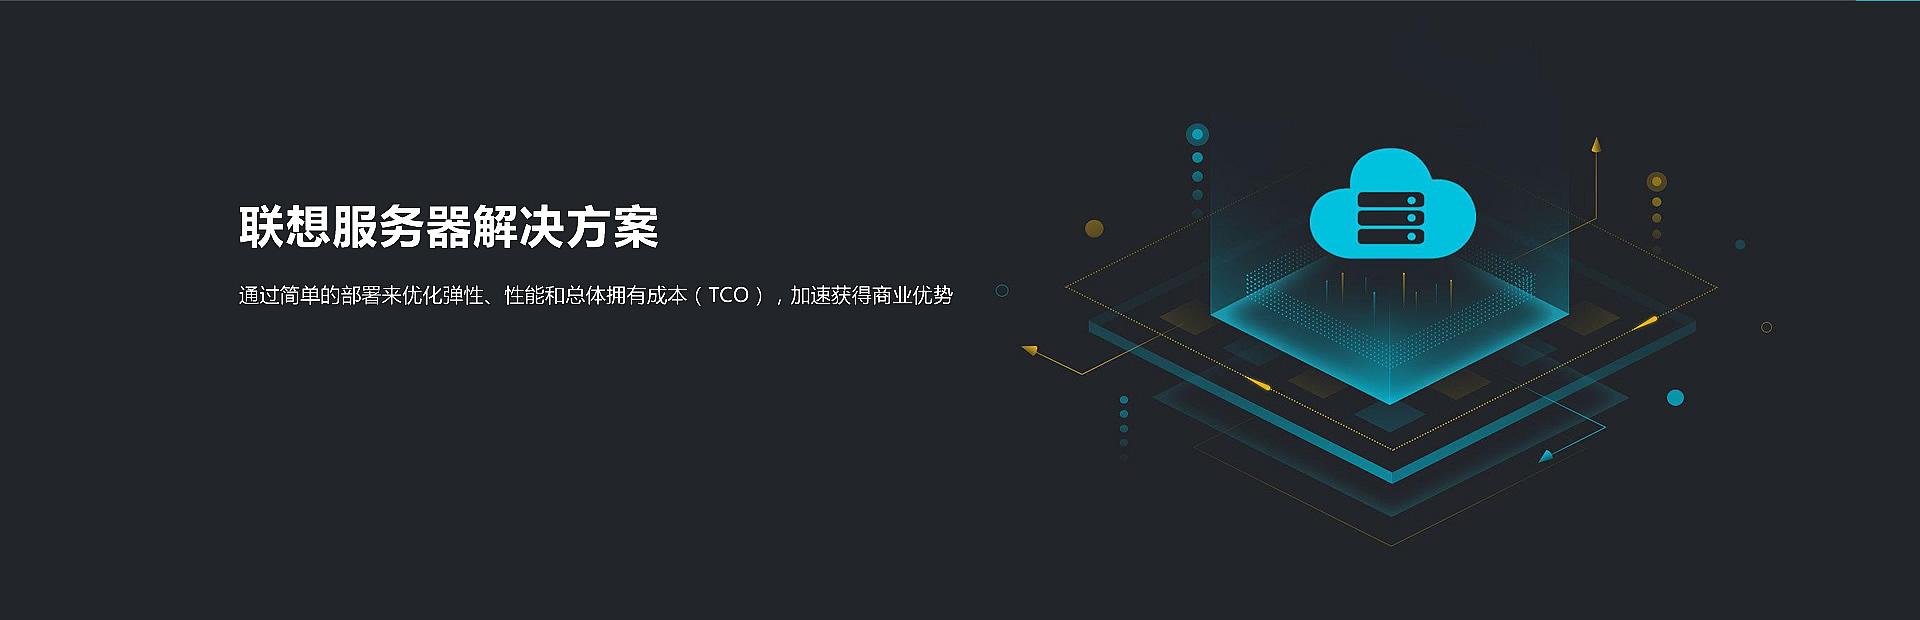 深圳联想服务器